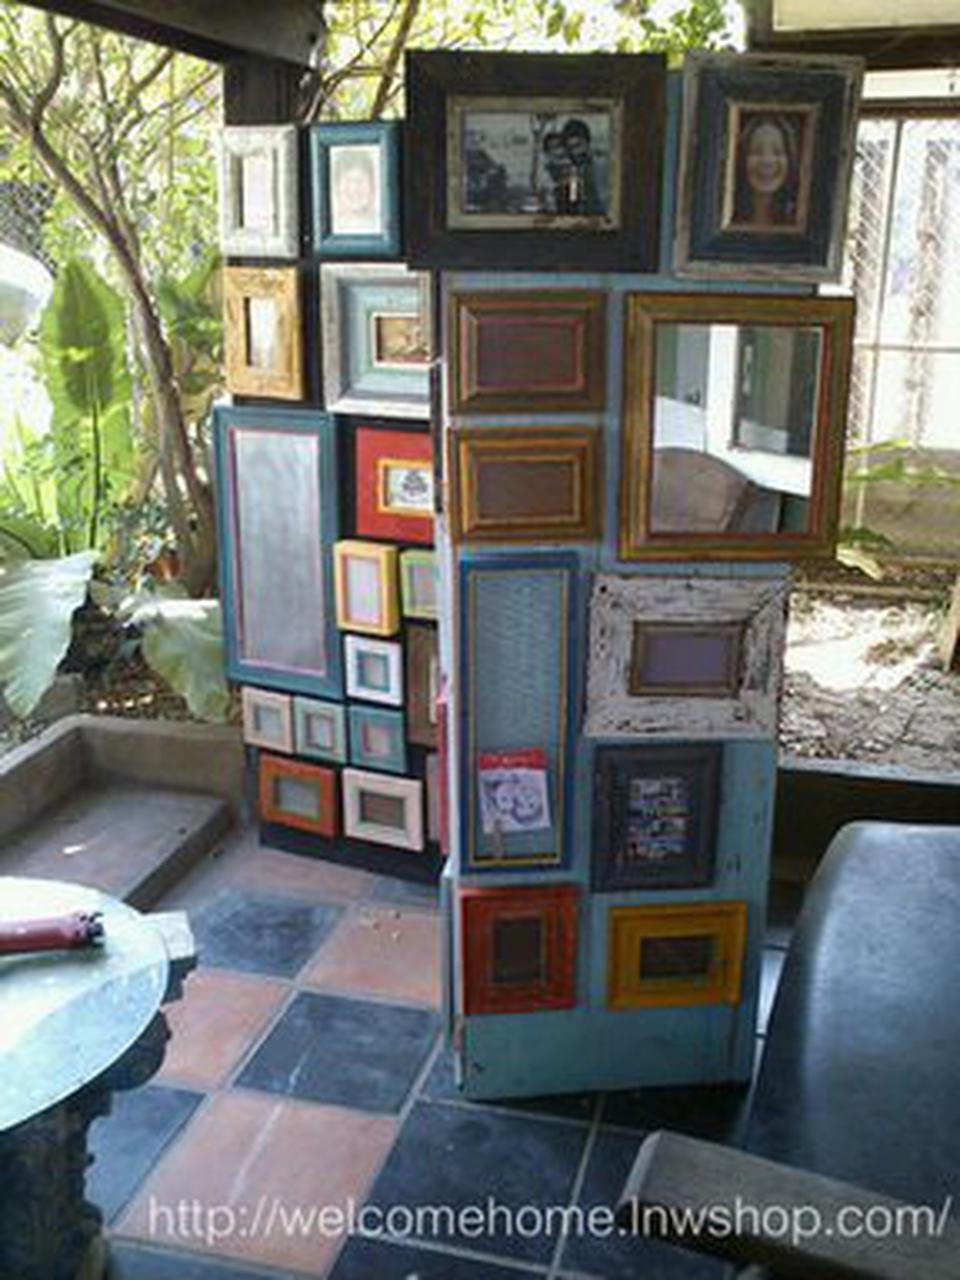 กรอบรูปติดผนังบ้านพร้อมตะขอ สำหรับตกแต่งผนังบ้านสวยๆครับ รูปที่ 3